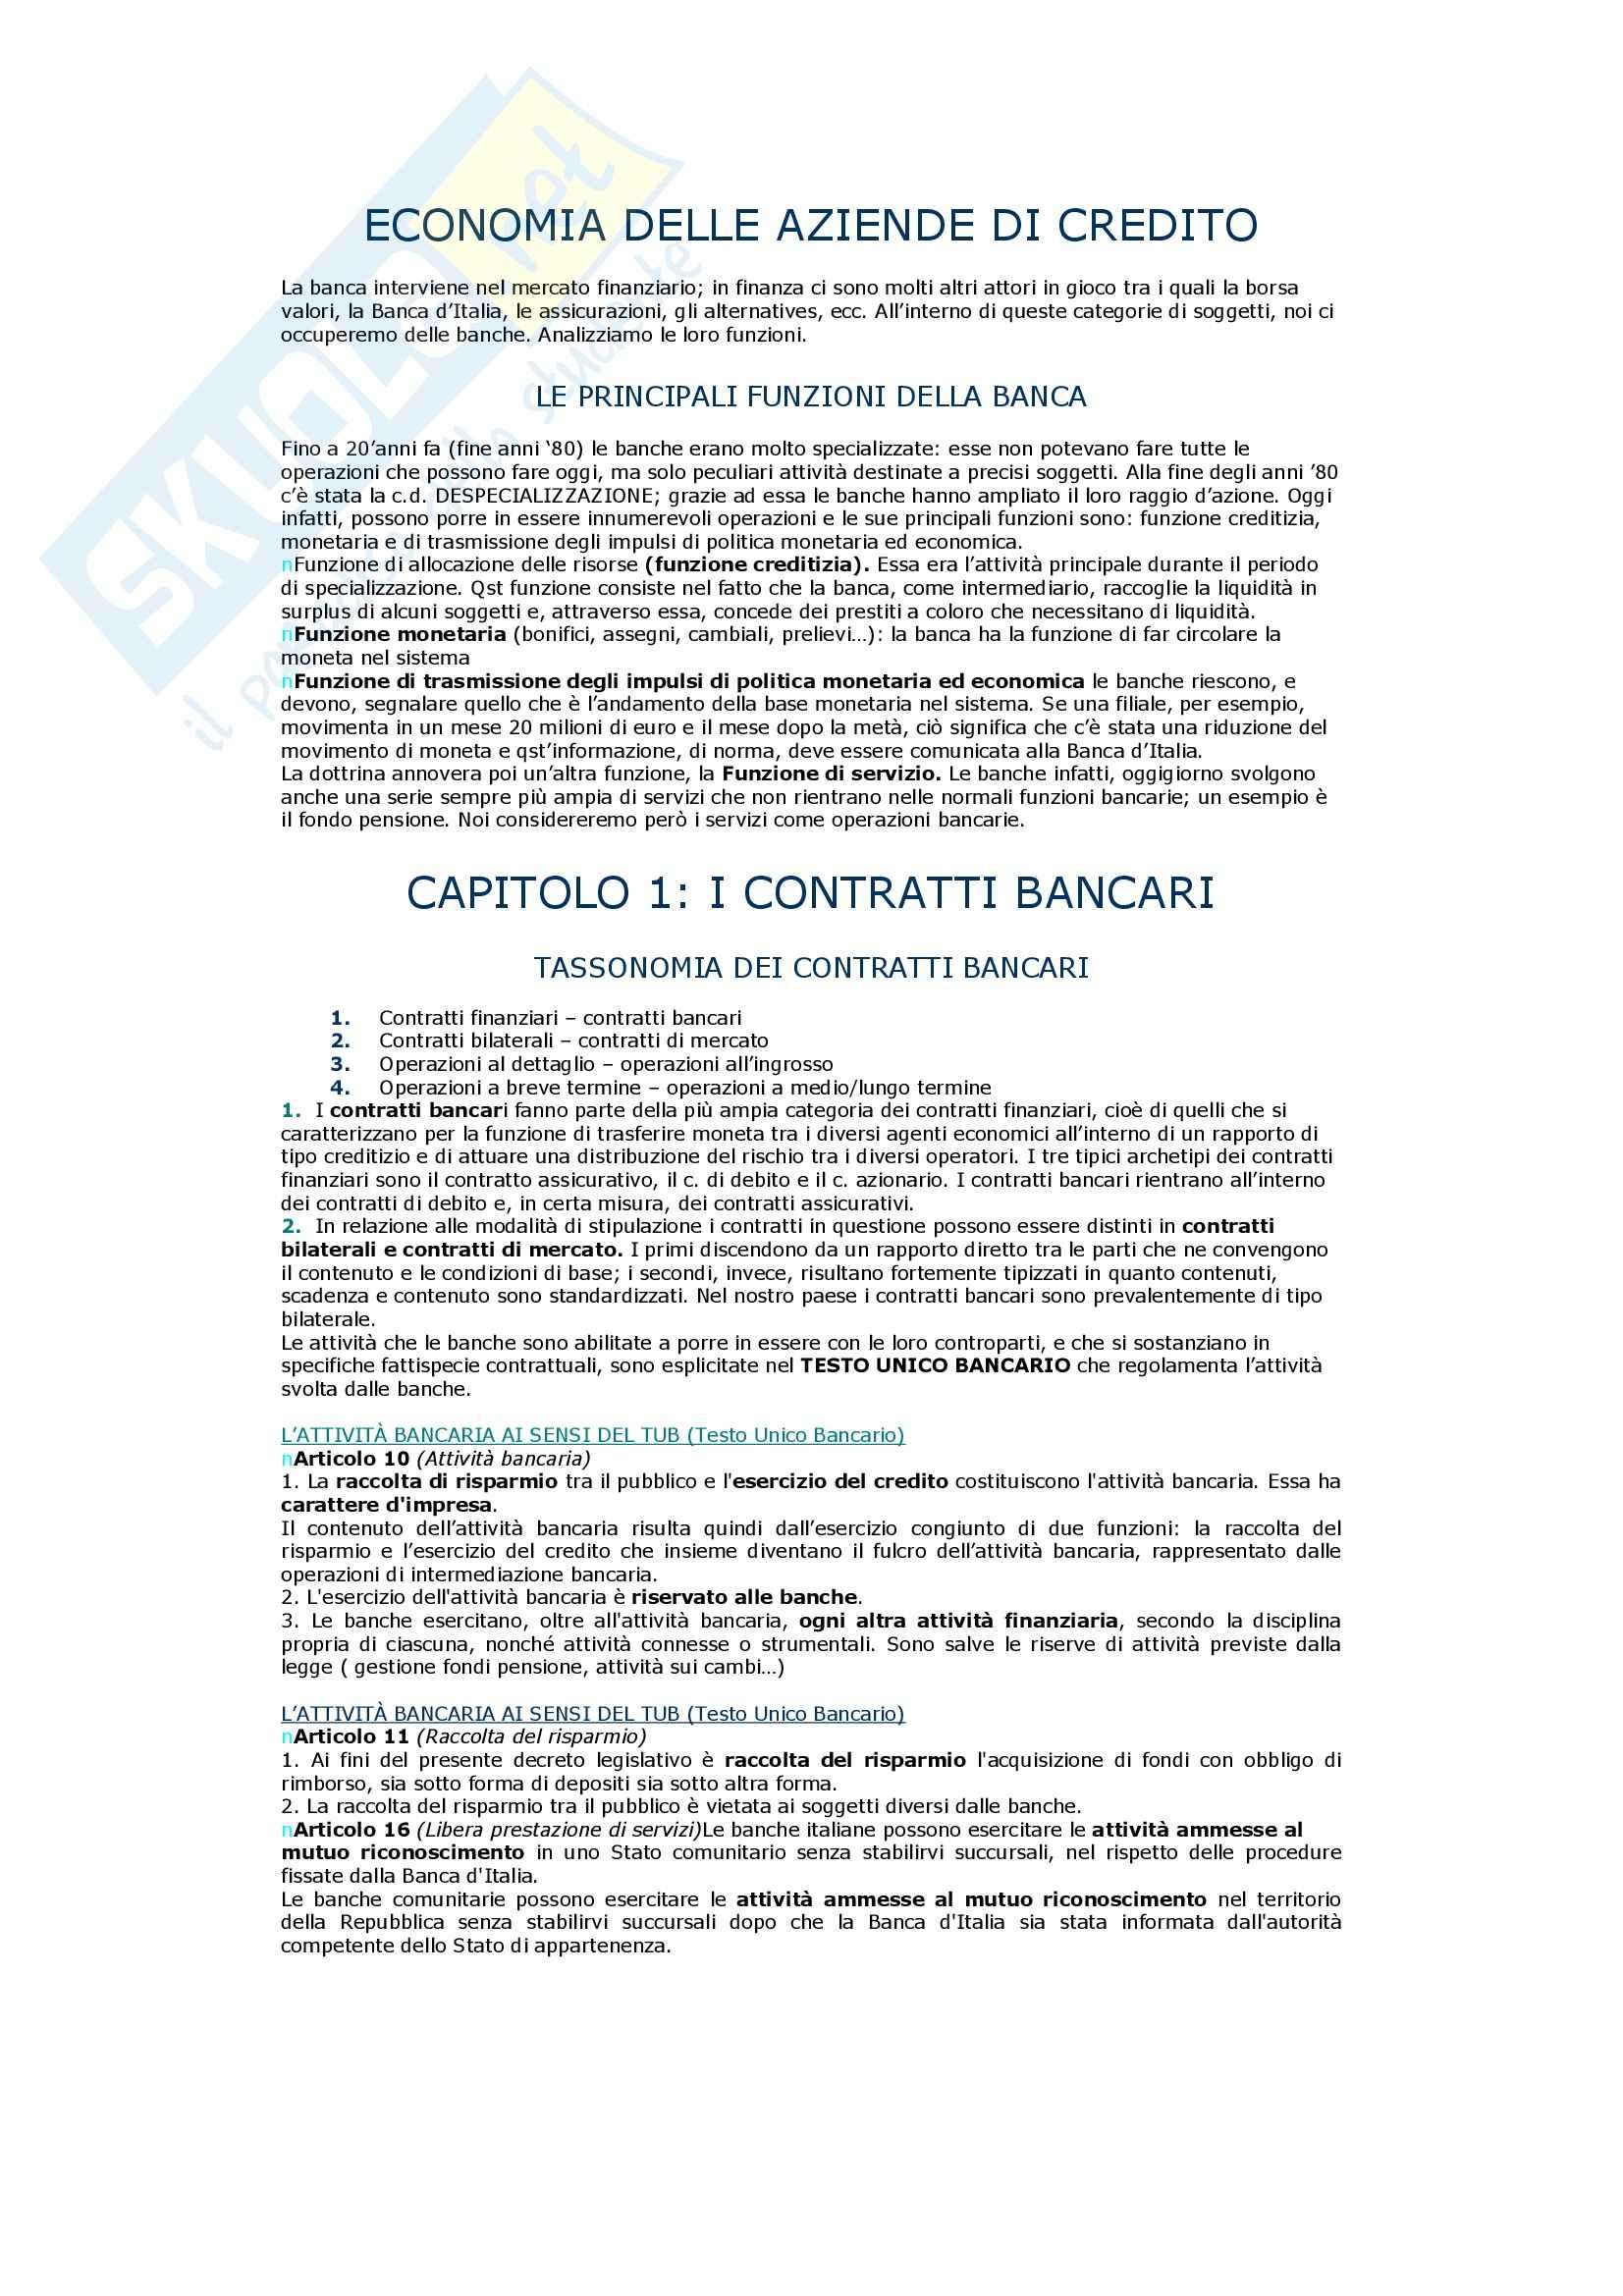 appunto F. Poli Economia delle aziende di credito